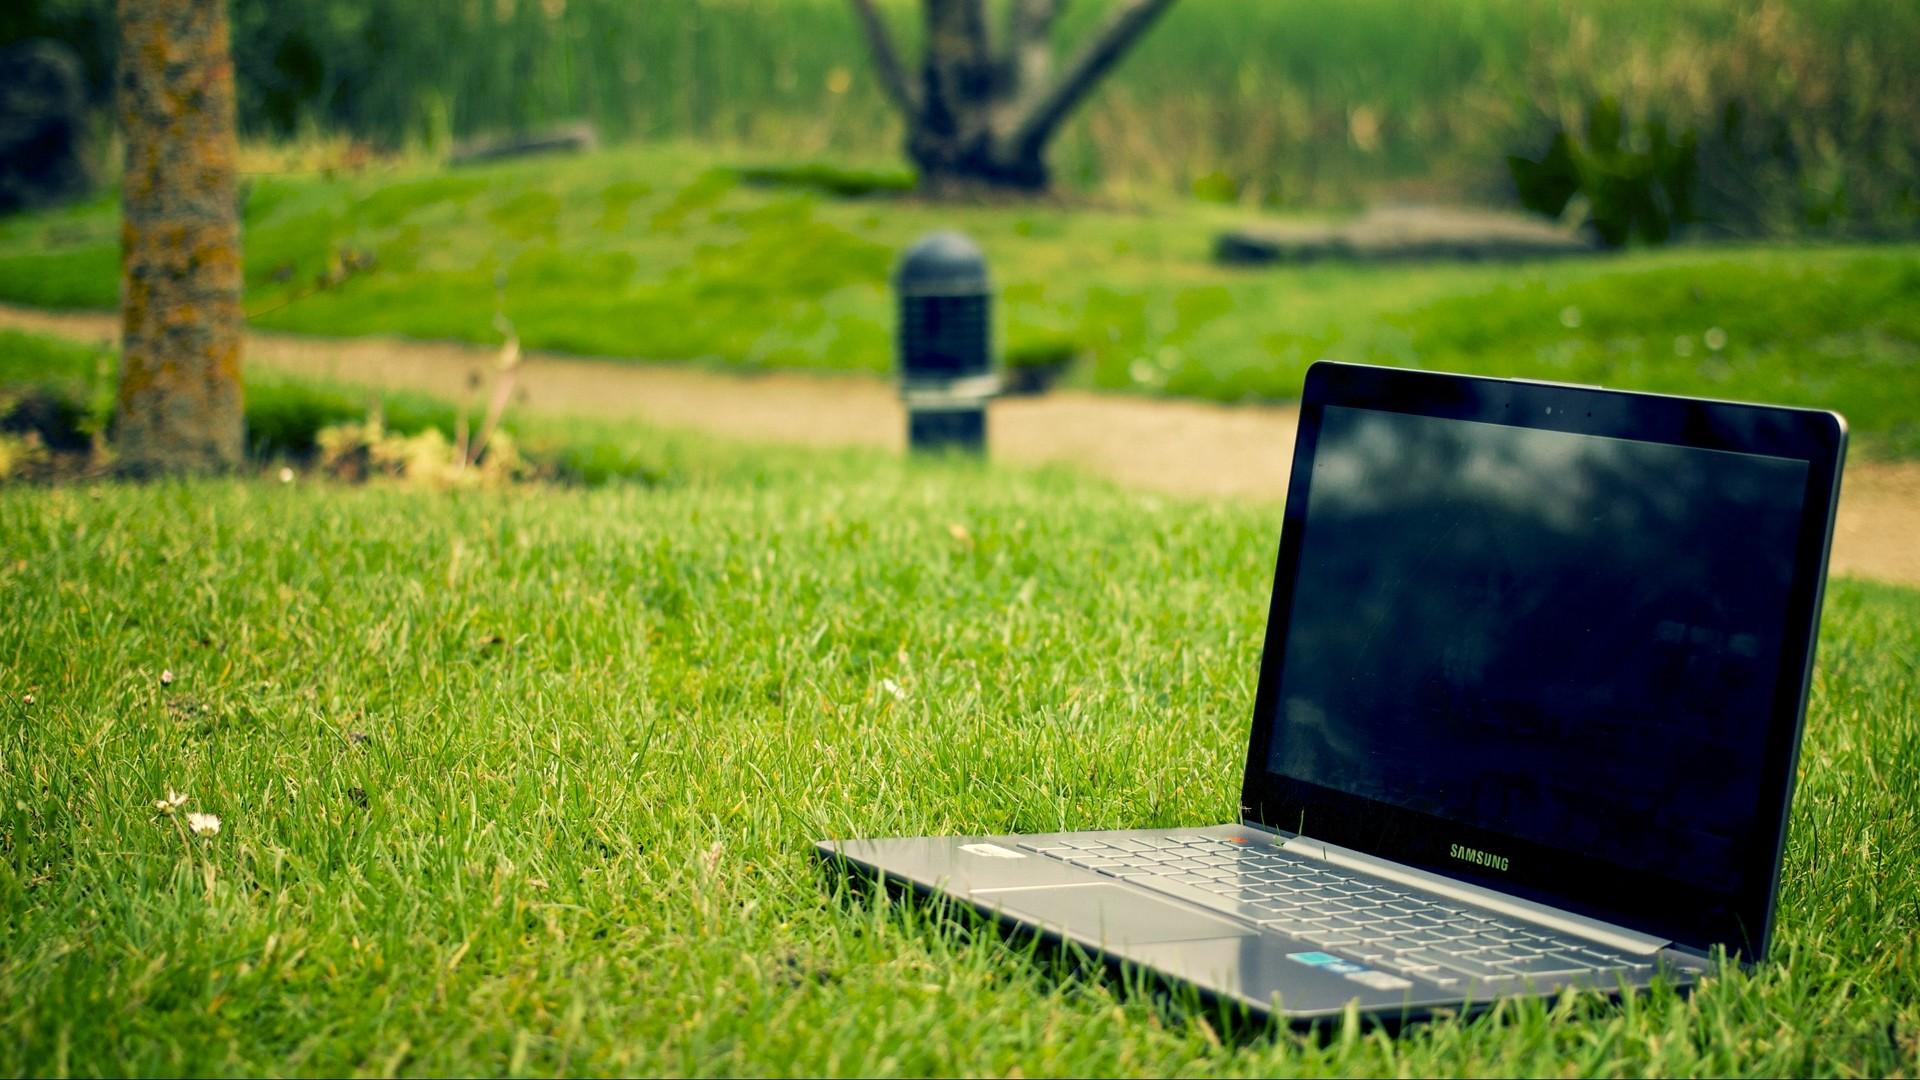 Res: 1920x1080,  Wallpaper laptop, samsung, grass